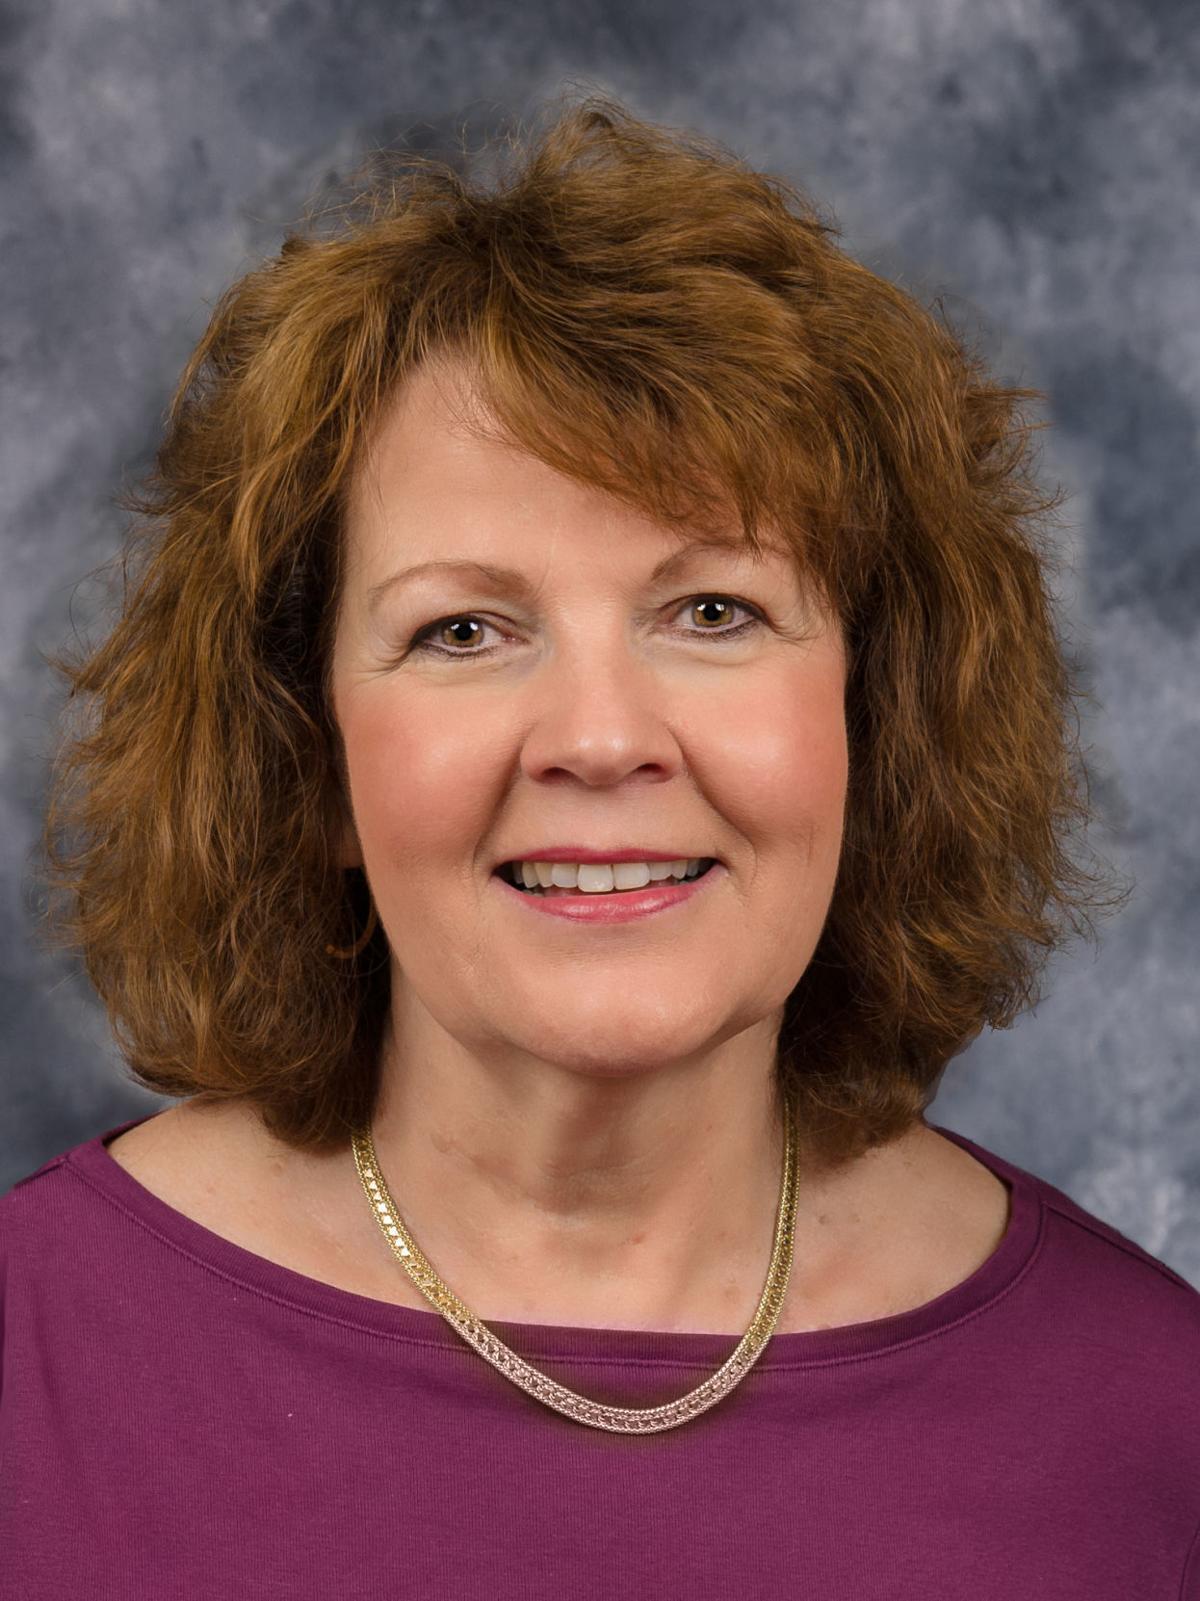 Cynthia K. Miller